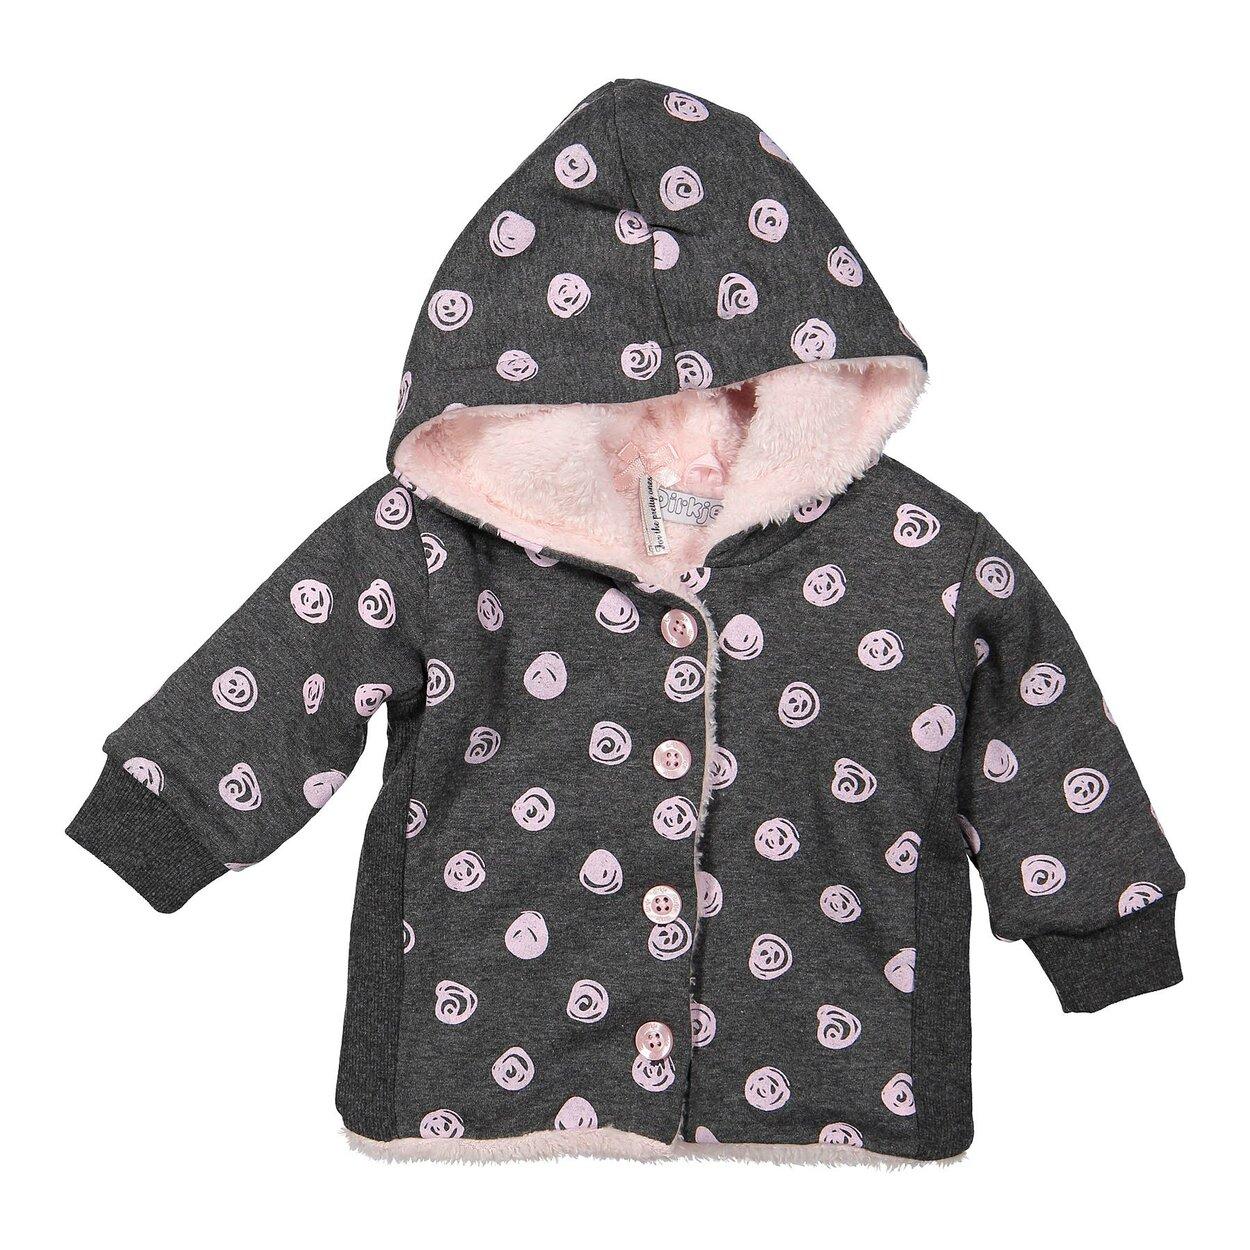 91218515faf6 Mikina s kožušinkou Z-SO SOFT HUNNY BUNNY Dark grey melee + Light pink dots  92